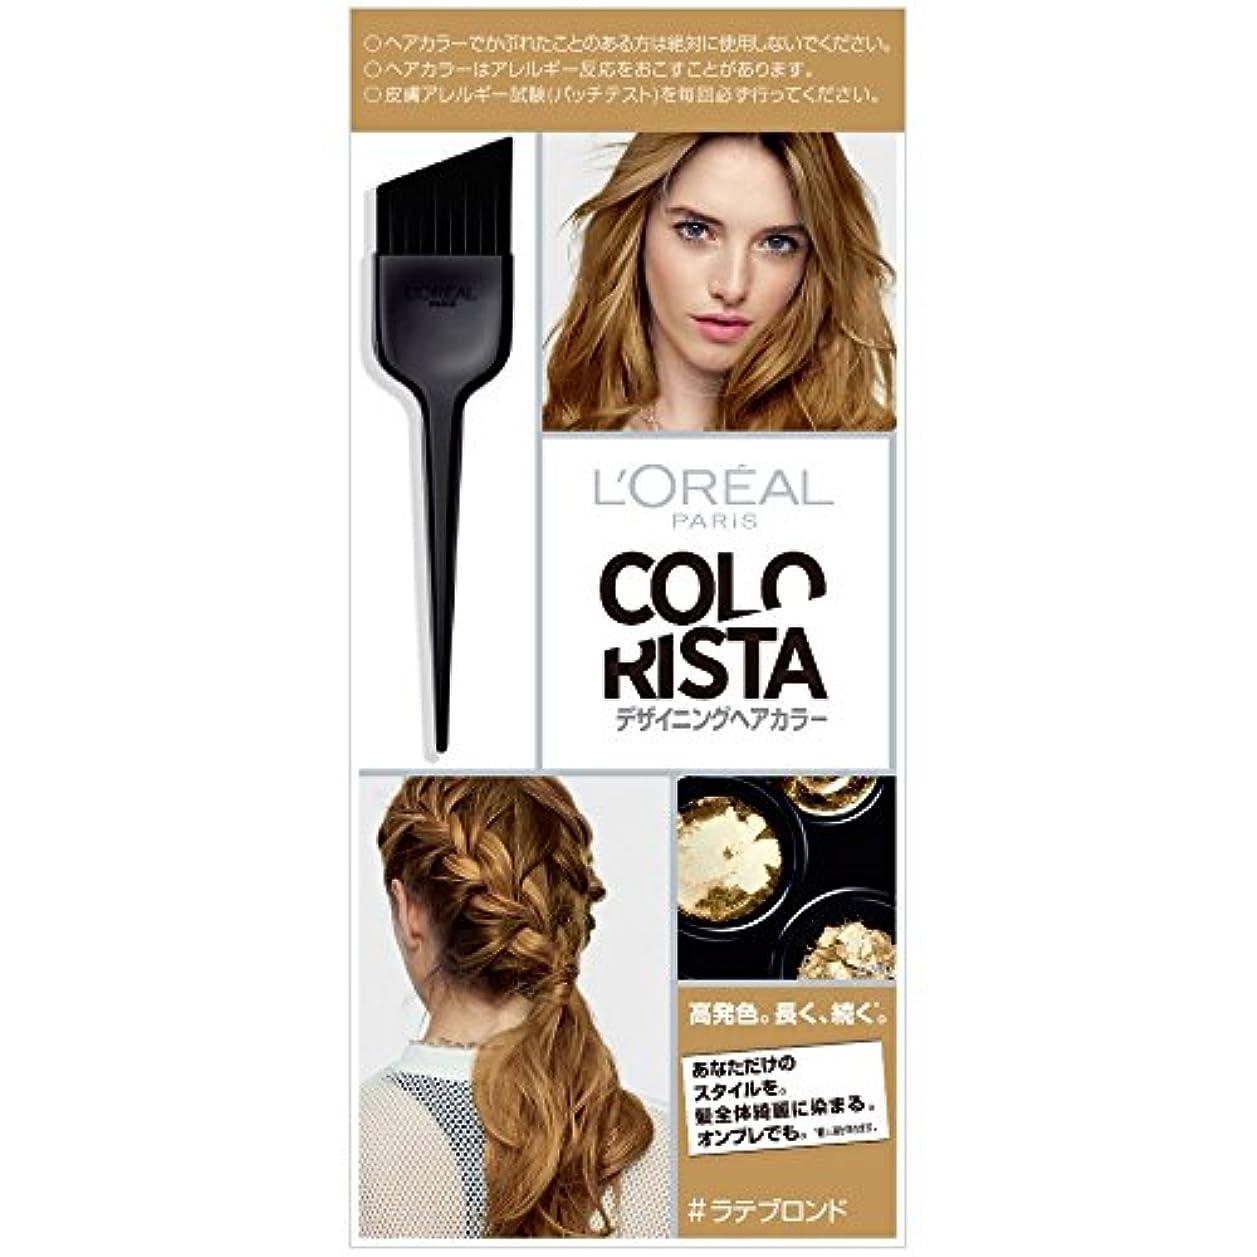 小麦粉ネックレスご意見ロレアル パリ カラーリスタ デザイニングヘアカラー ラテブロンド